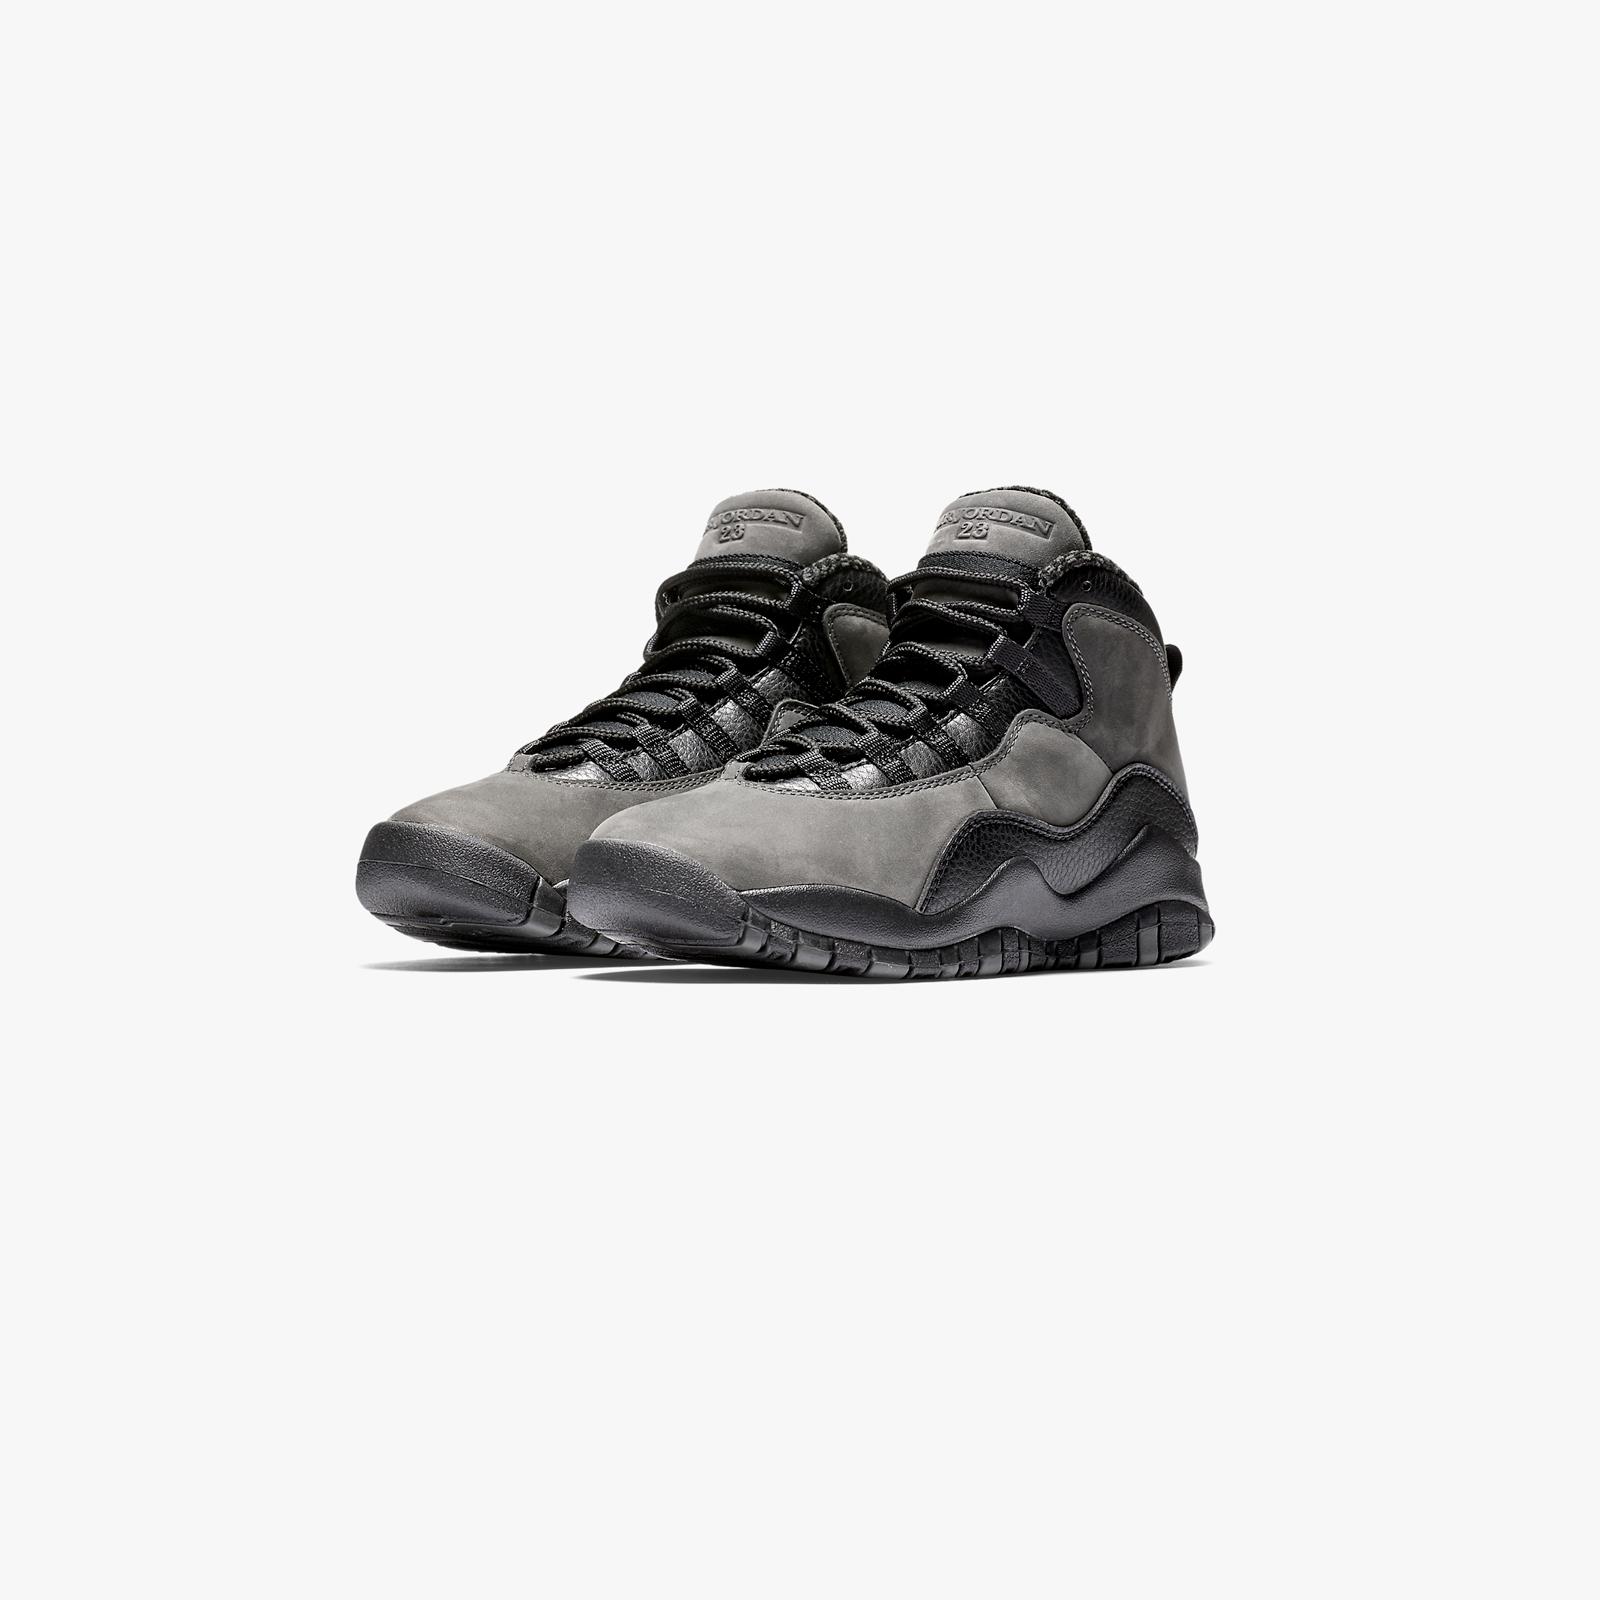 12adf20908d1 Jordan Brand Air Jordan 10 Retro GS - 310806-002 - Sneakersnstuff ...